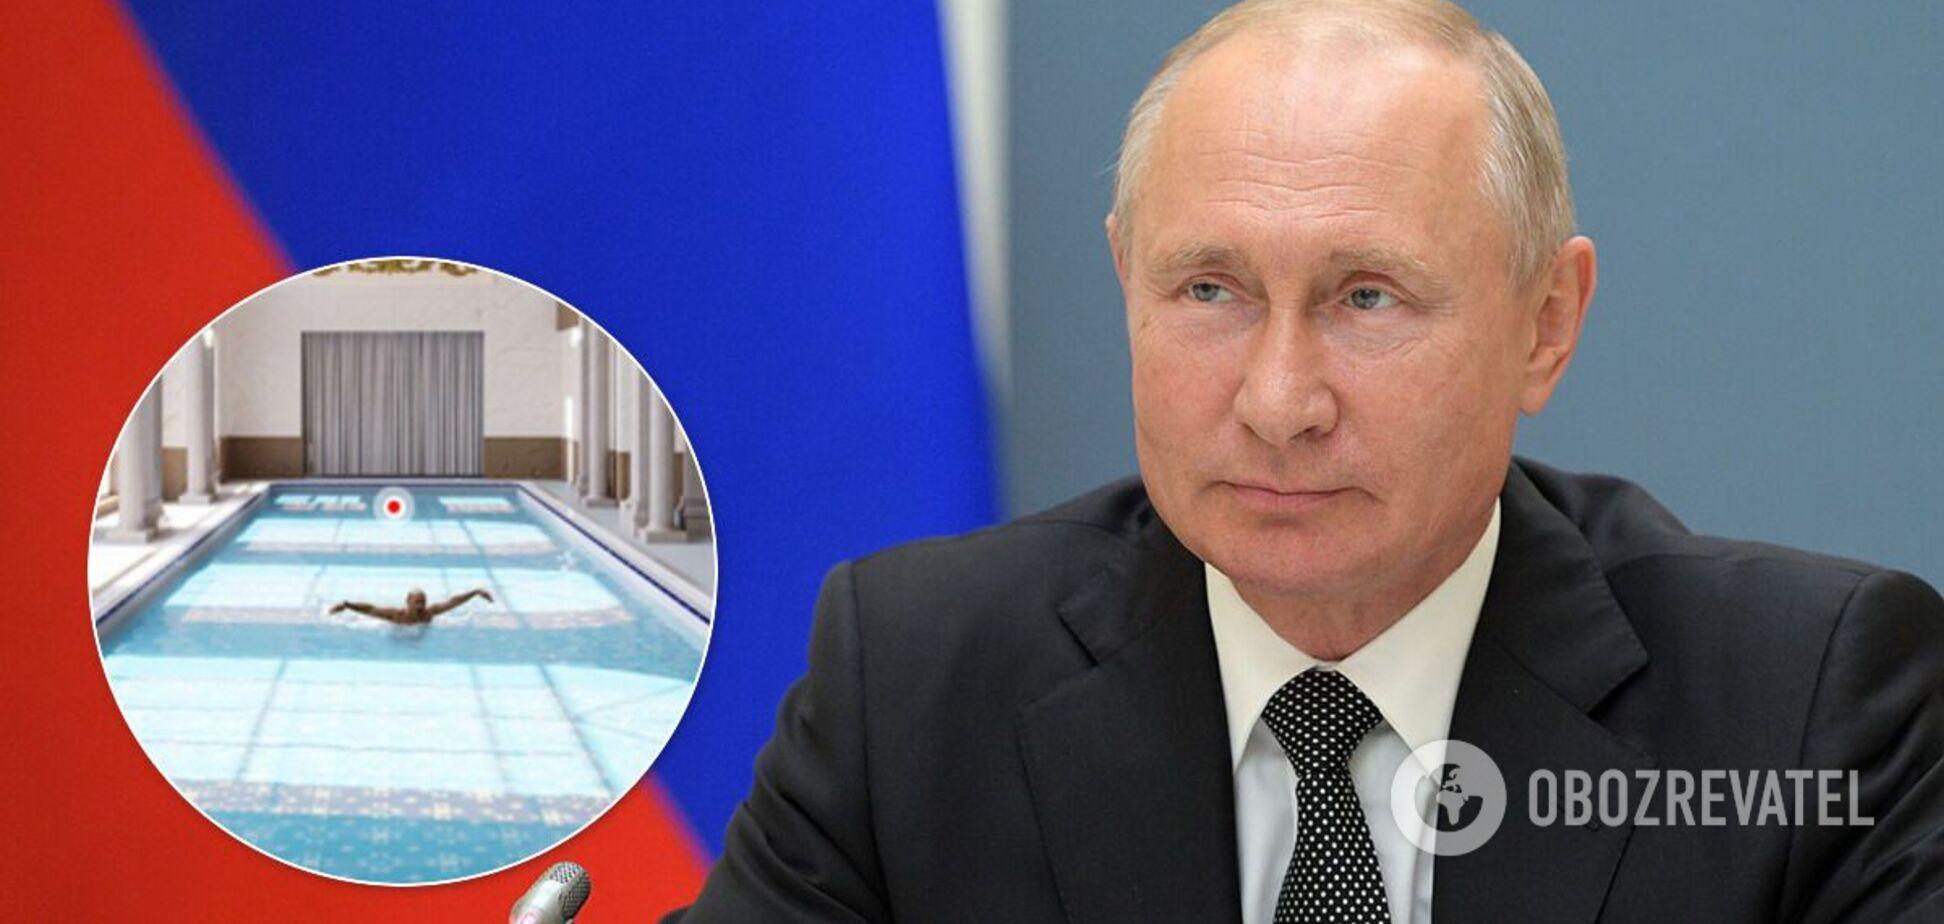 Путін назвав розслідування Навального монтажем